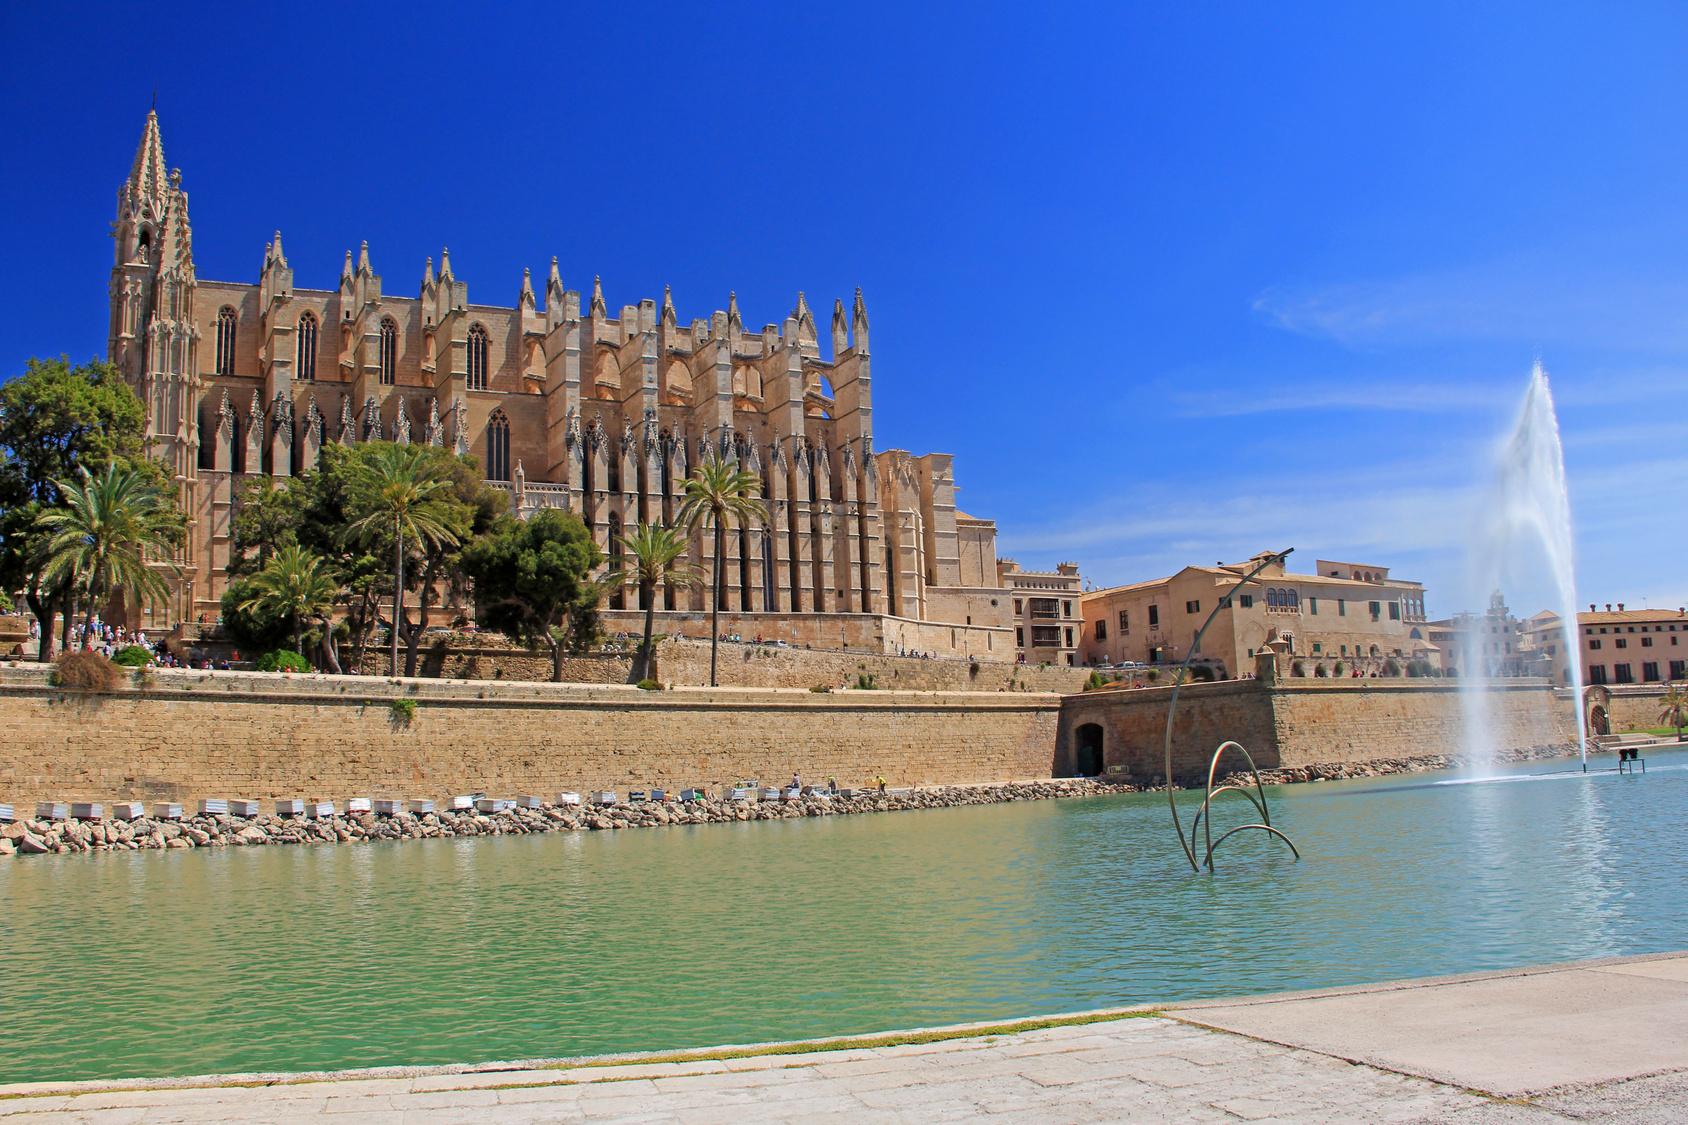 Palmos katedra